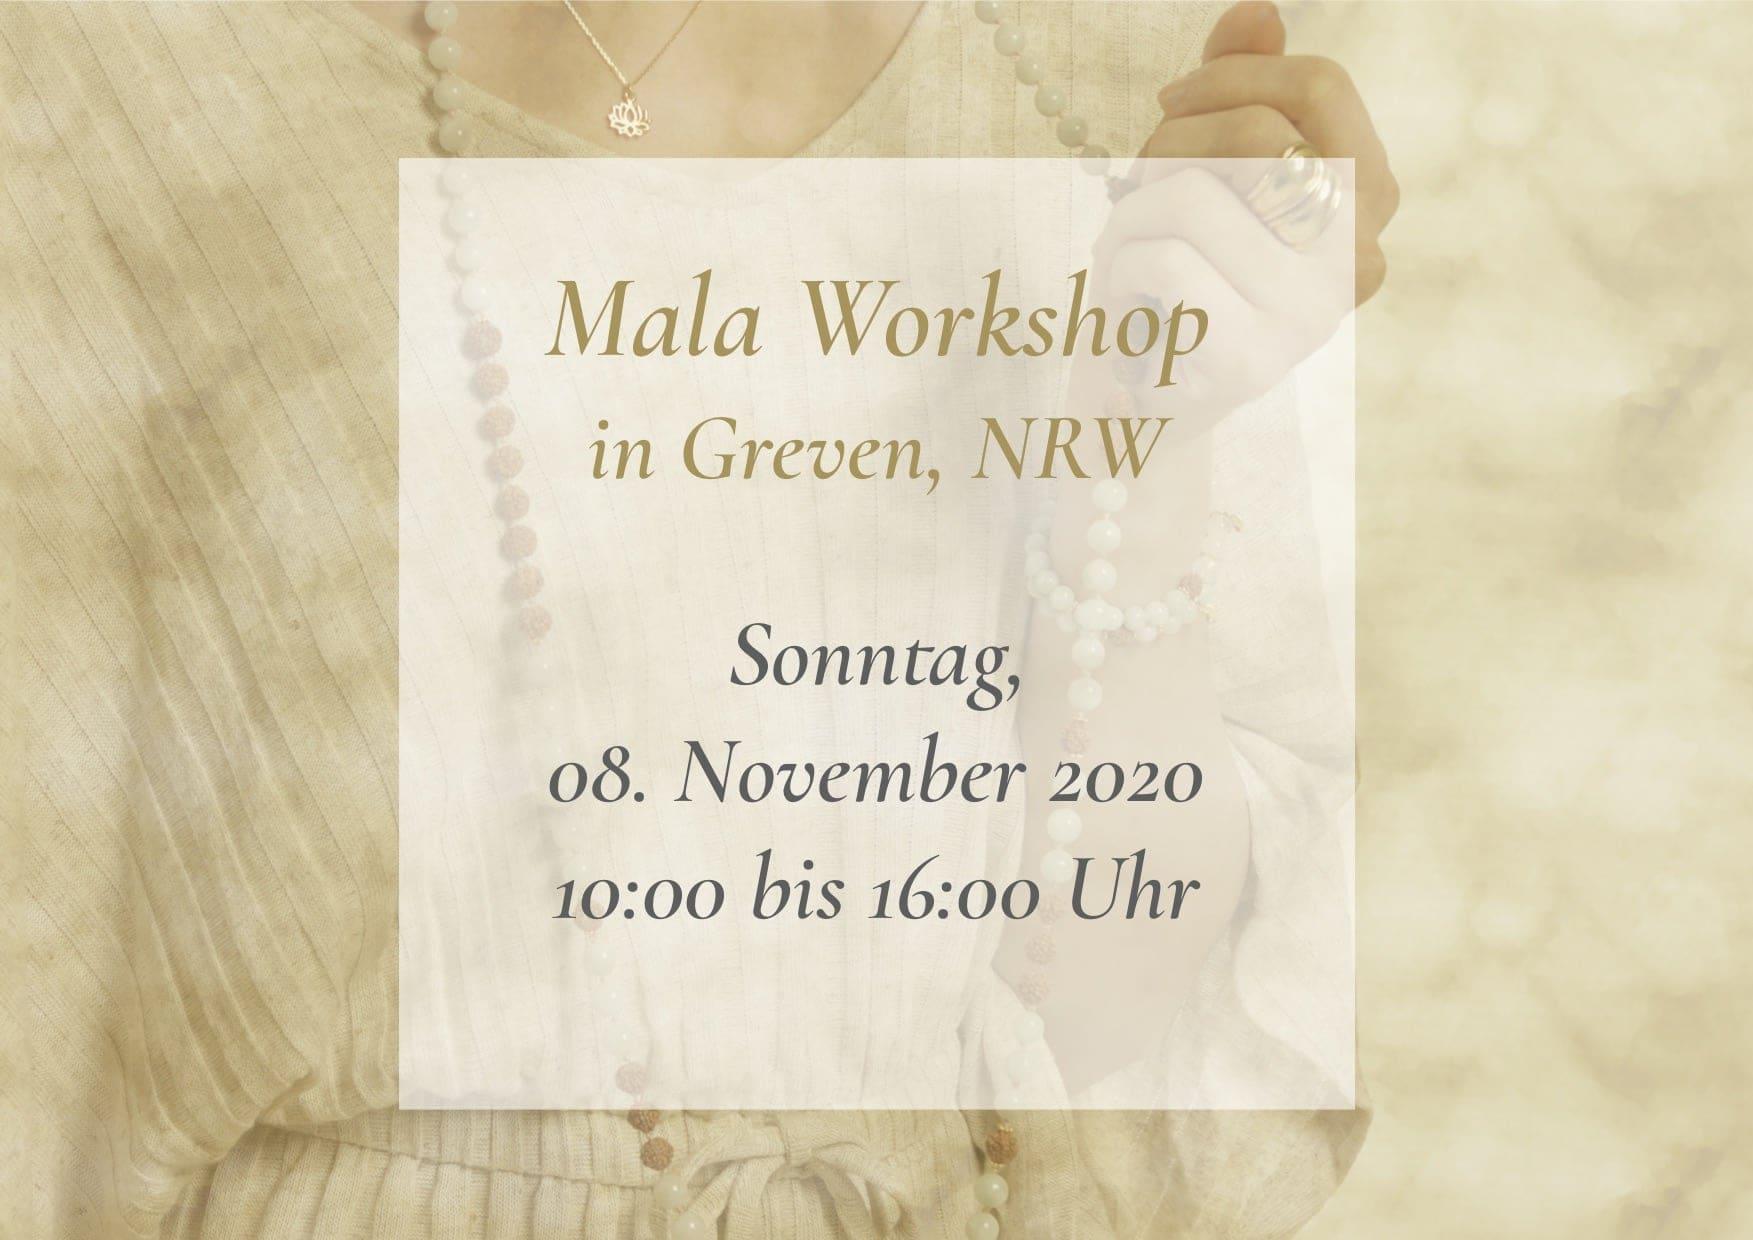 NW_Mala_WS_11_2020_Greven_EN